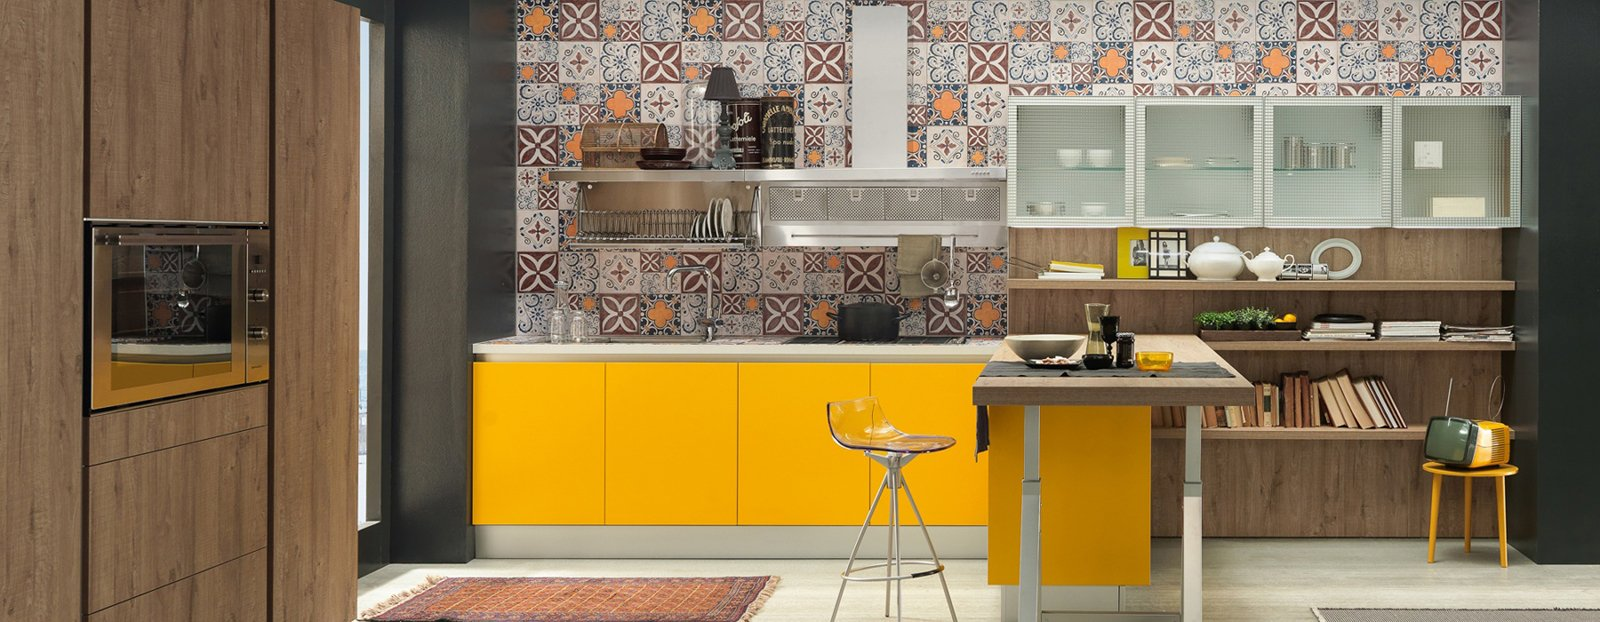 Industrial style a eurocucina 2014 cose di casa for Maioliche da cucina